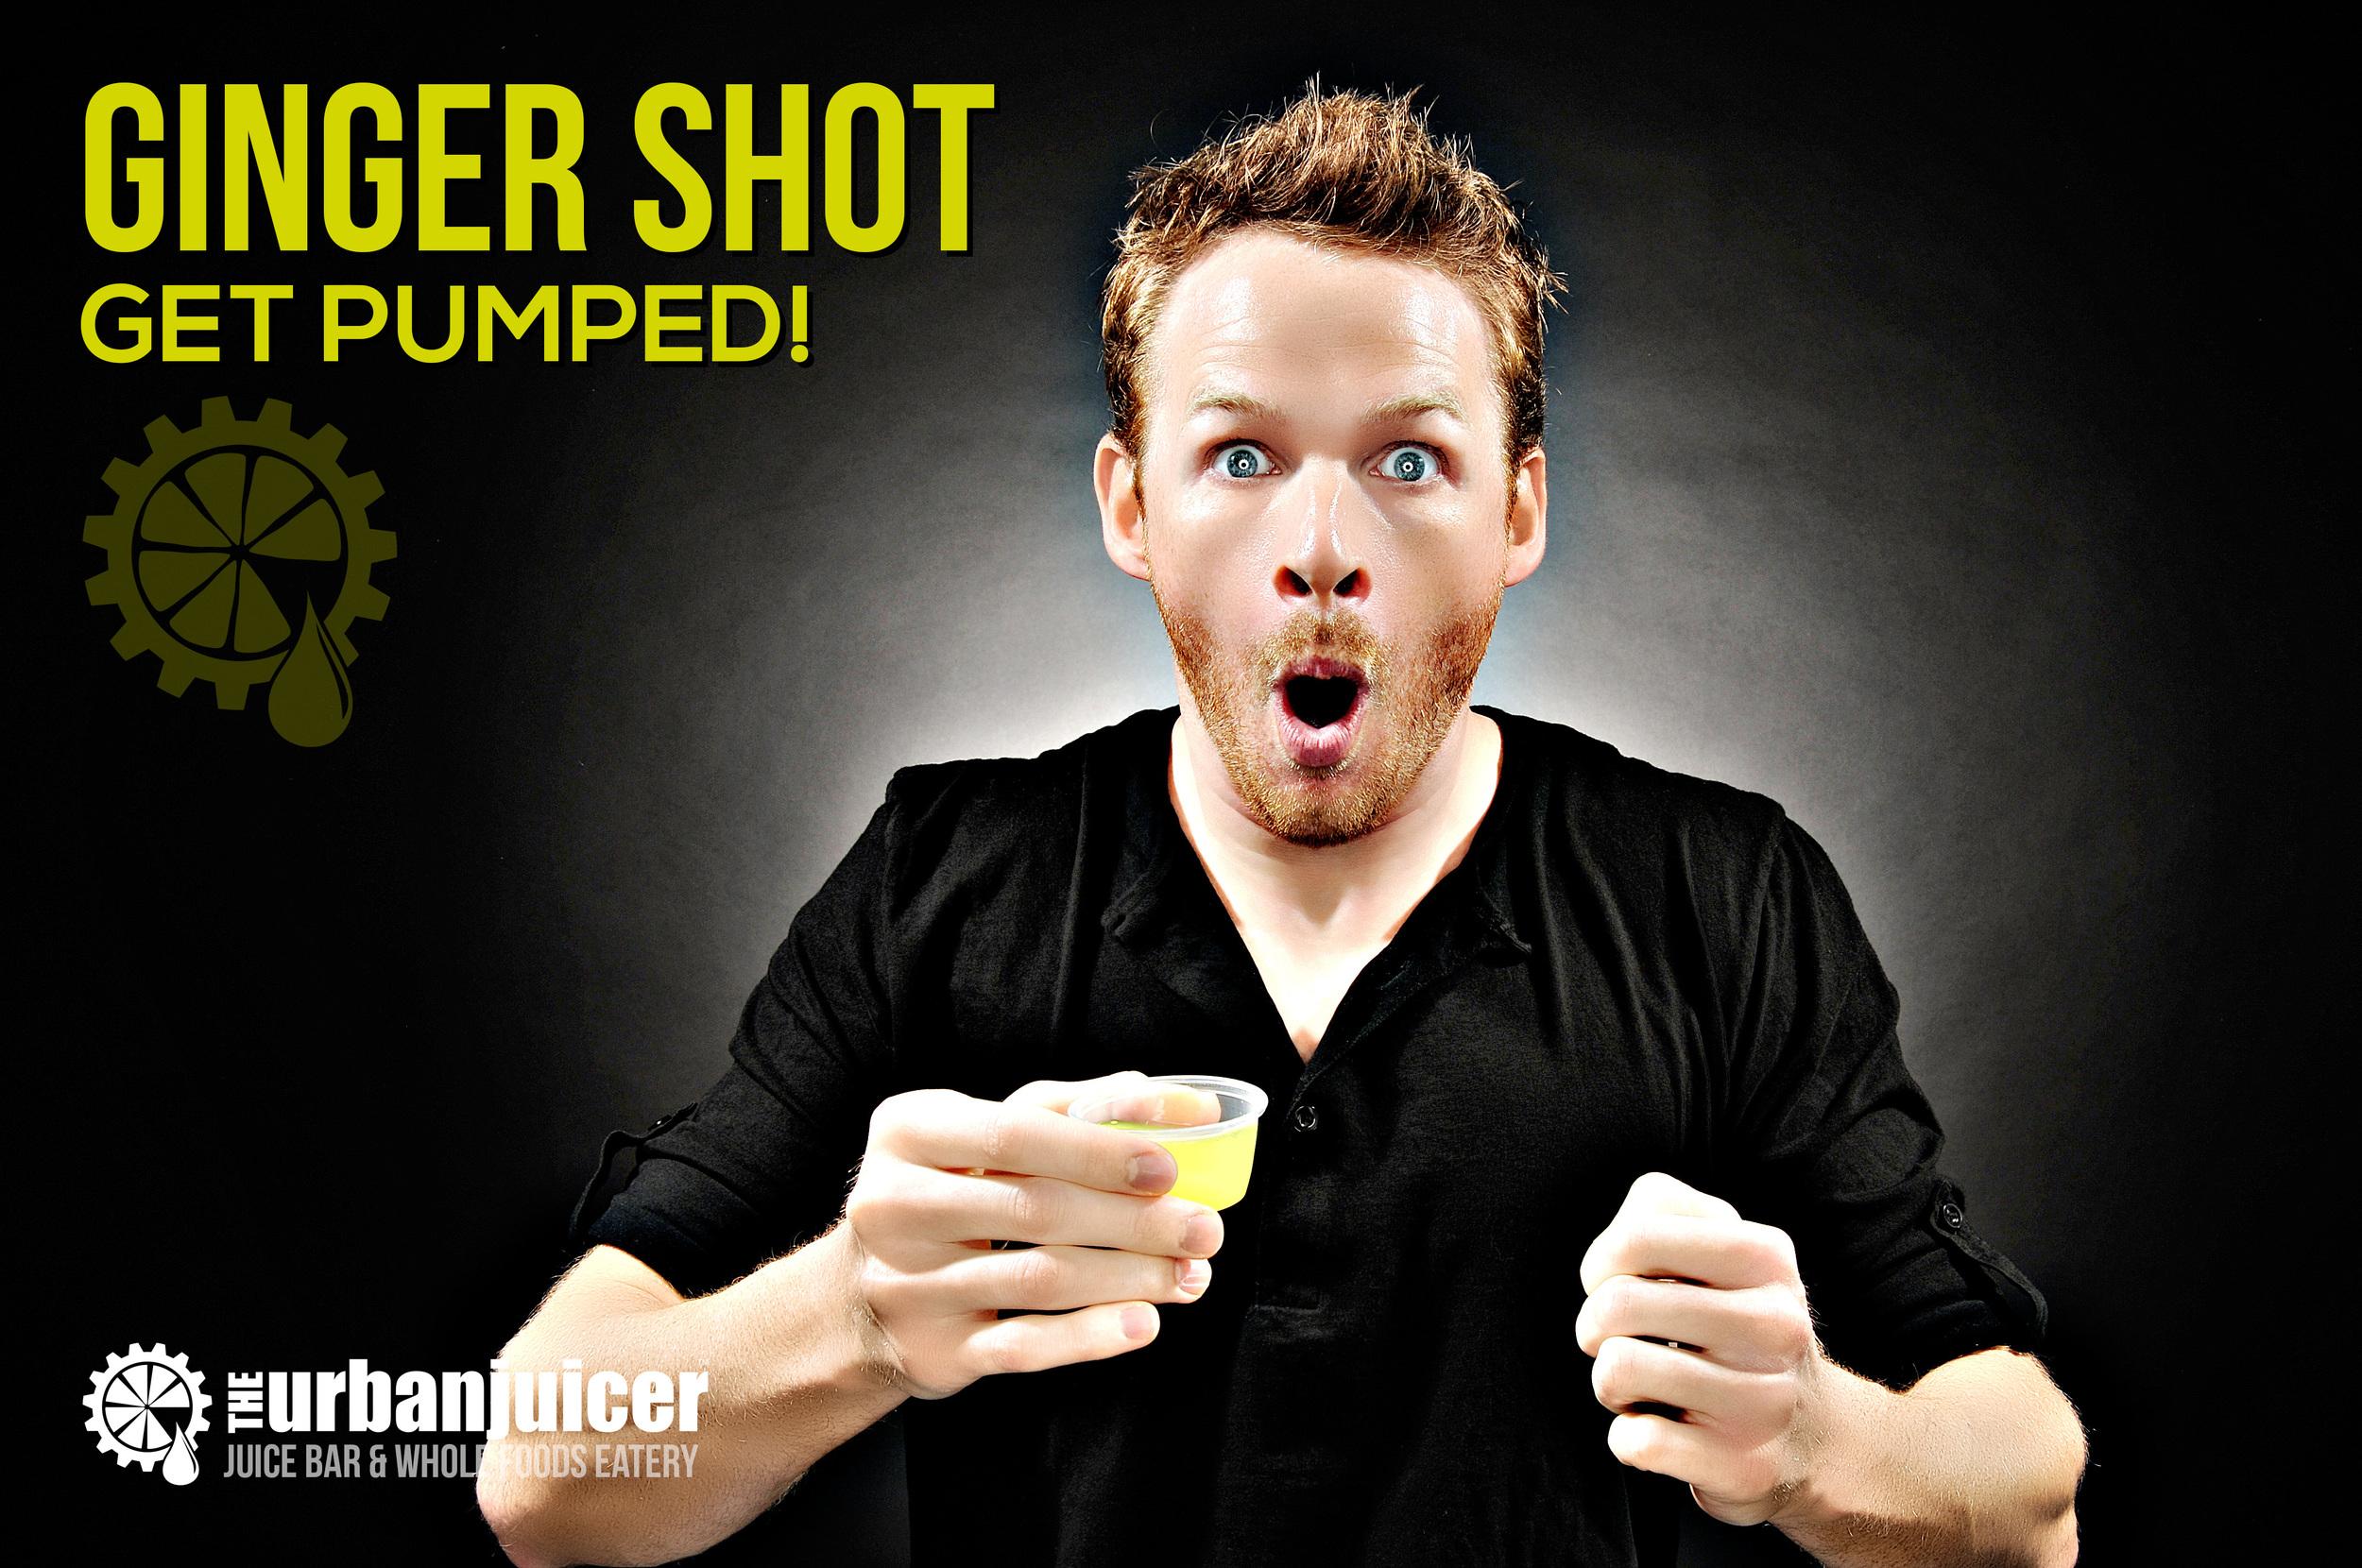 Isaiah-Ginger-Shot-Black-BG.jpg